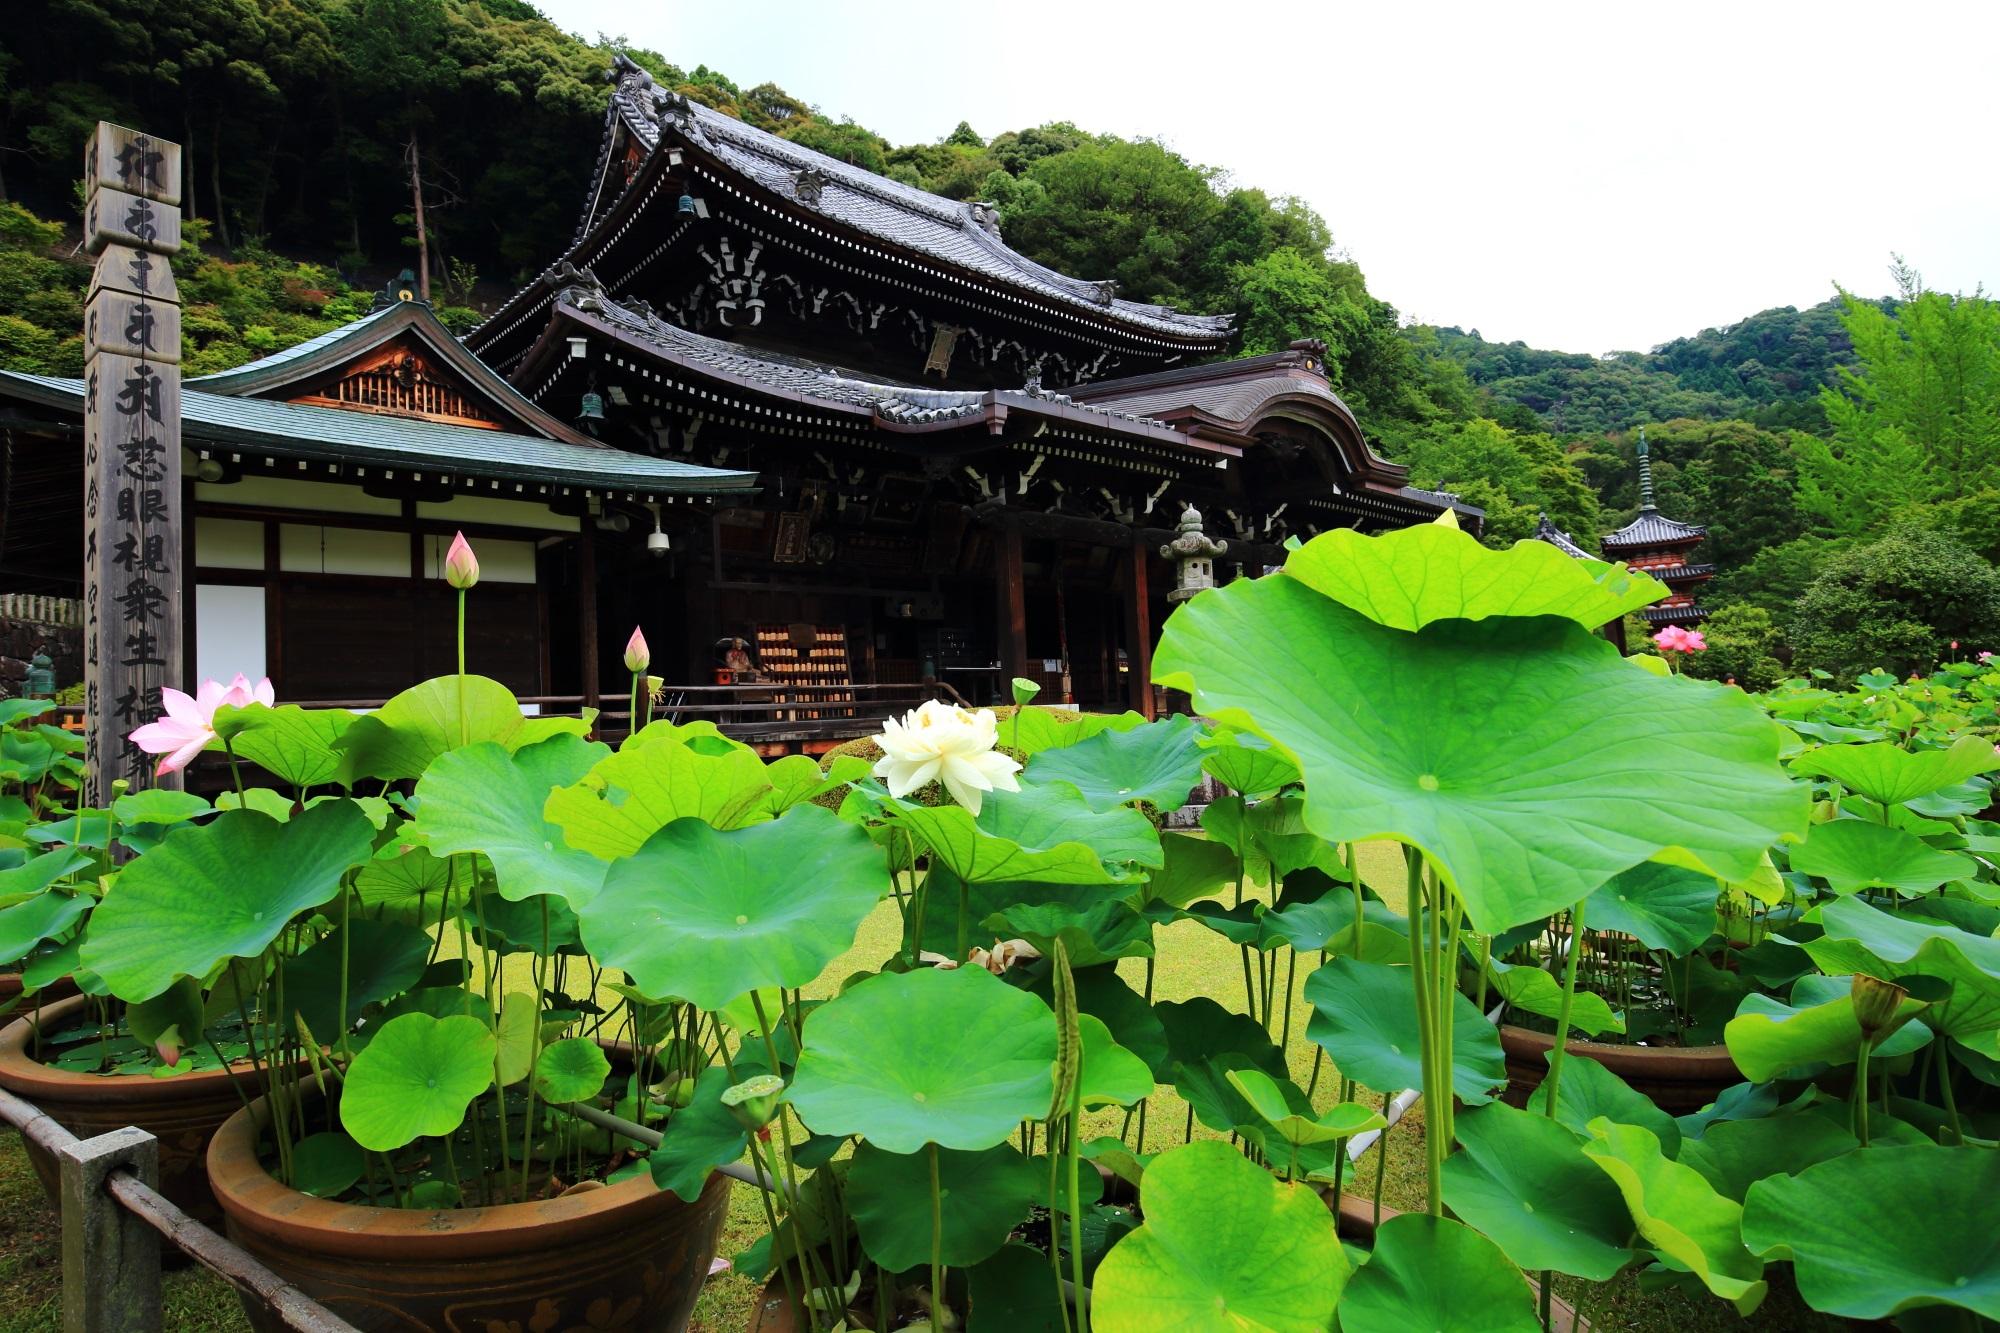 三室戸寺の本堂前を華やかな花とともに彩る緑の蓮の葉